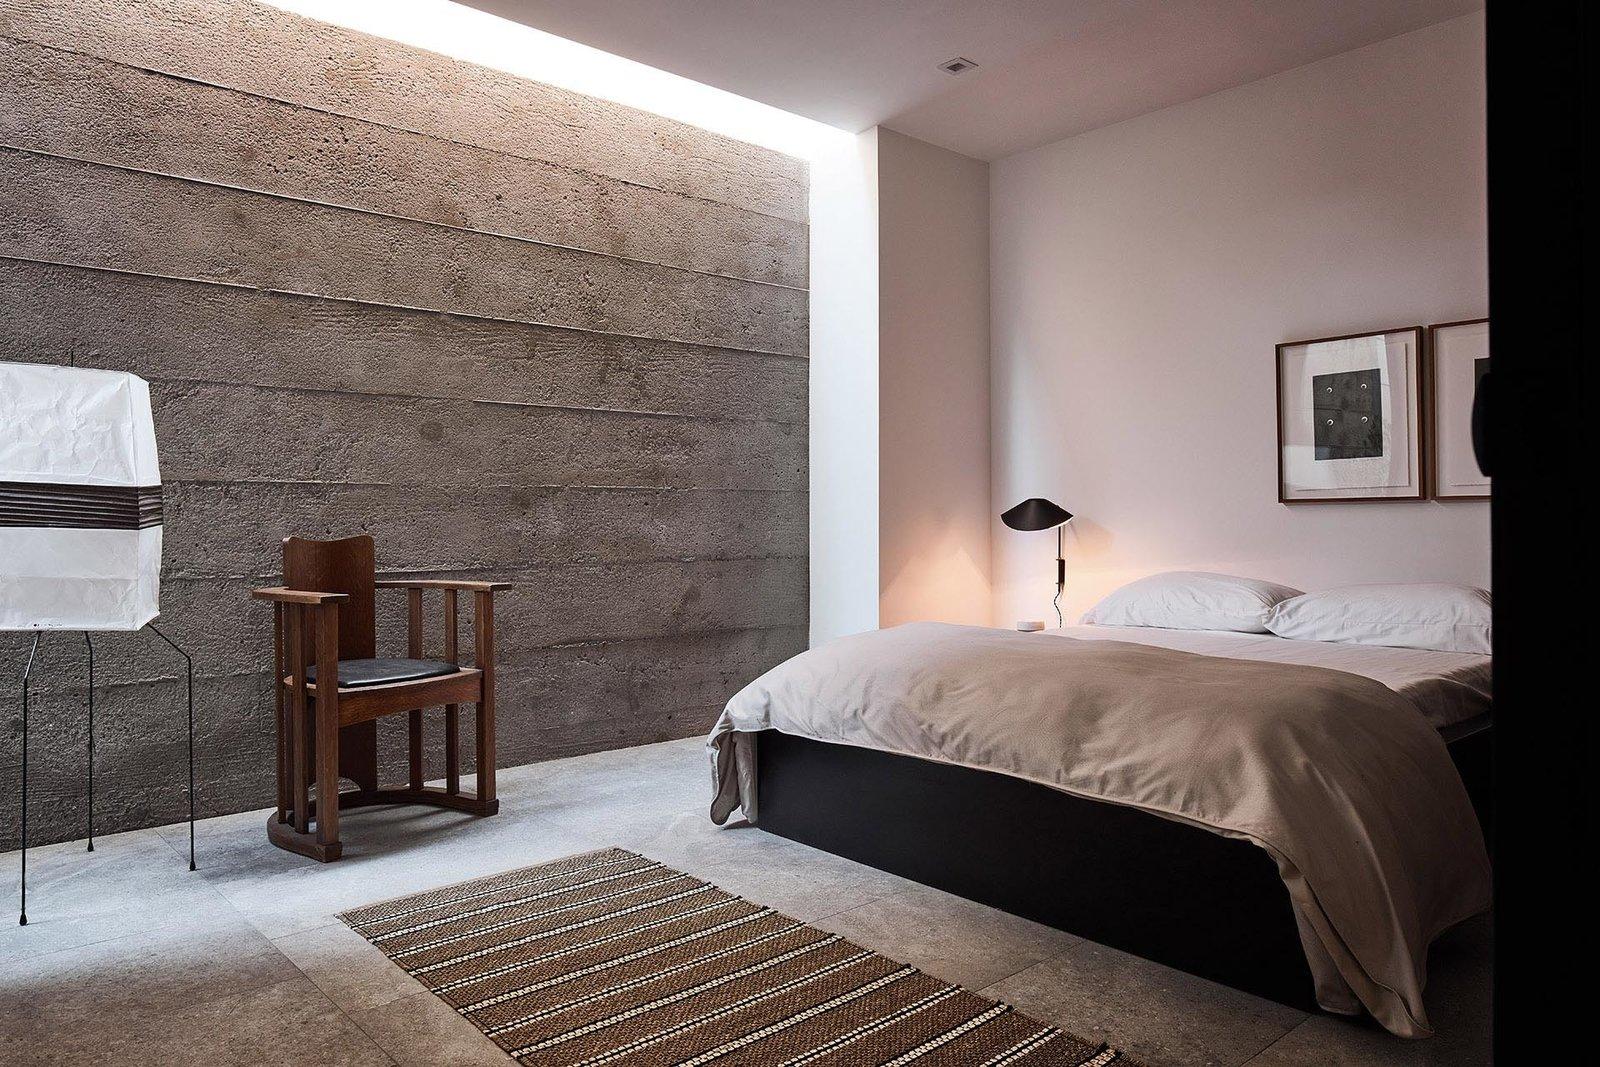 MAK Studio Noe Valley Residence